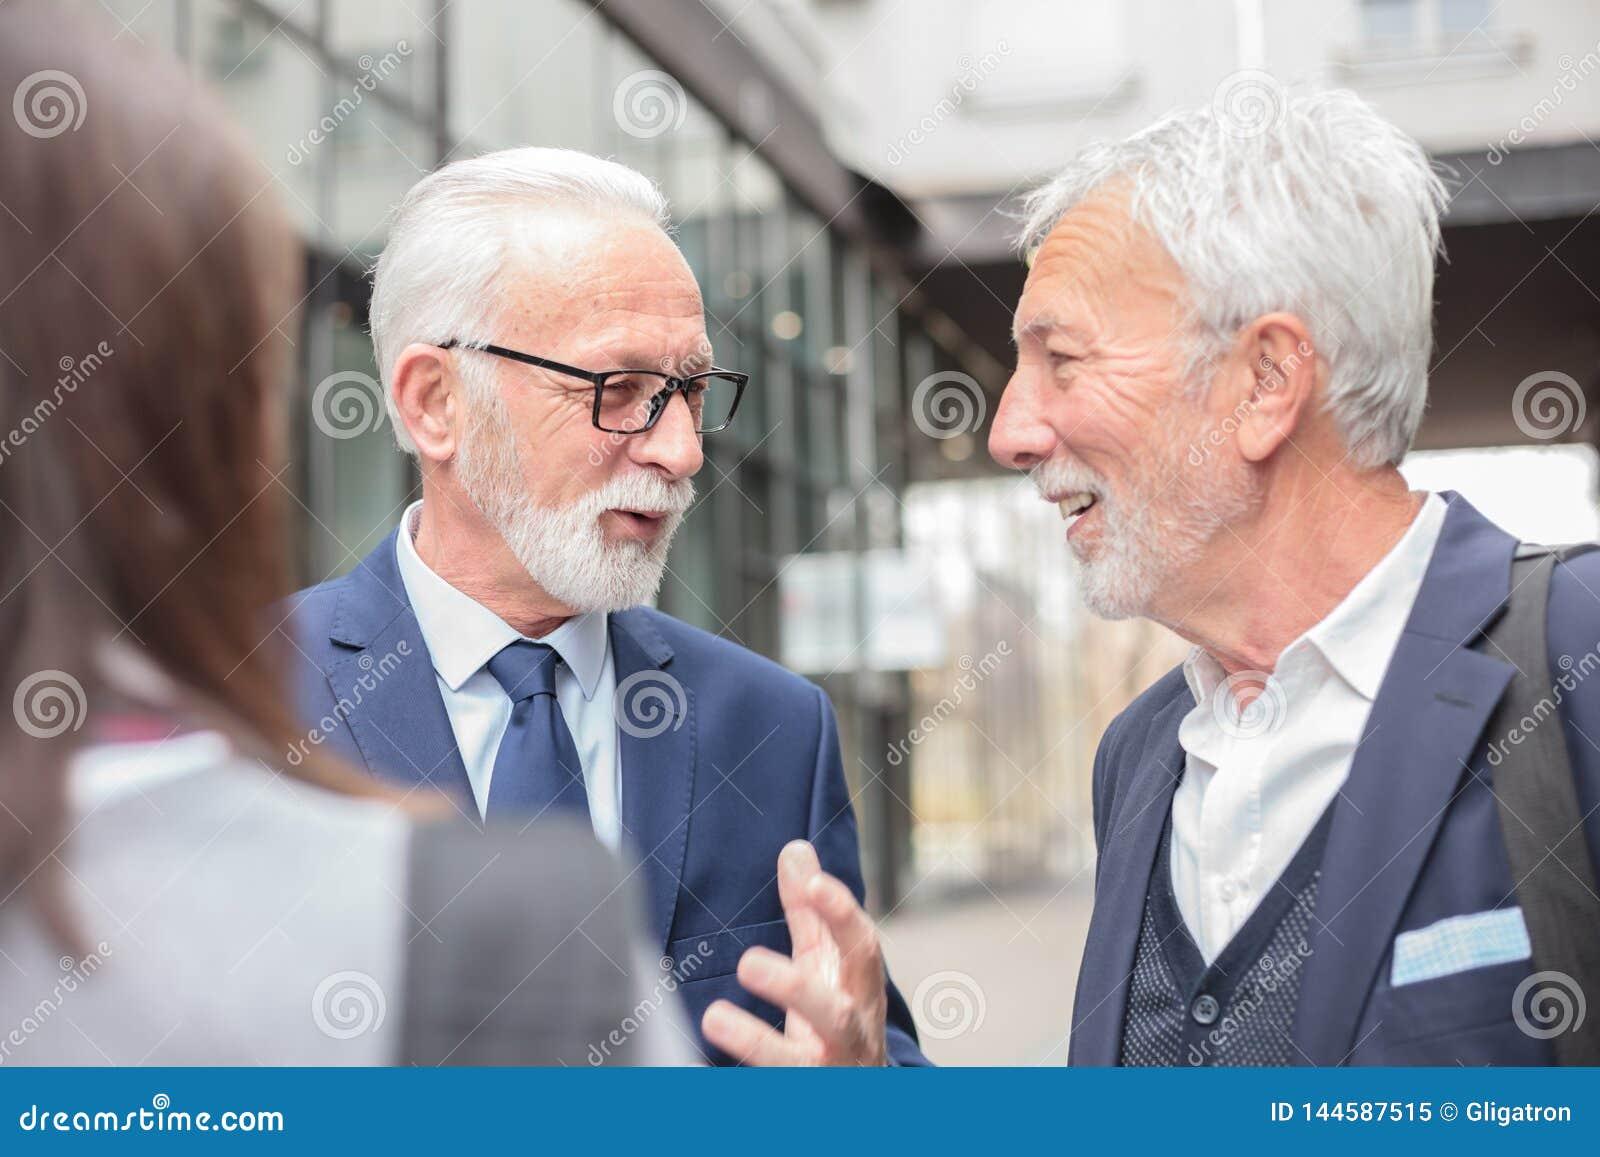 Groupe mixte d hommes d affaires se réunissant et discutant devant un immeuble de bureaux